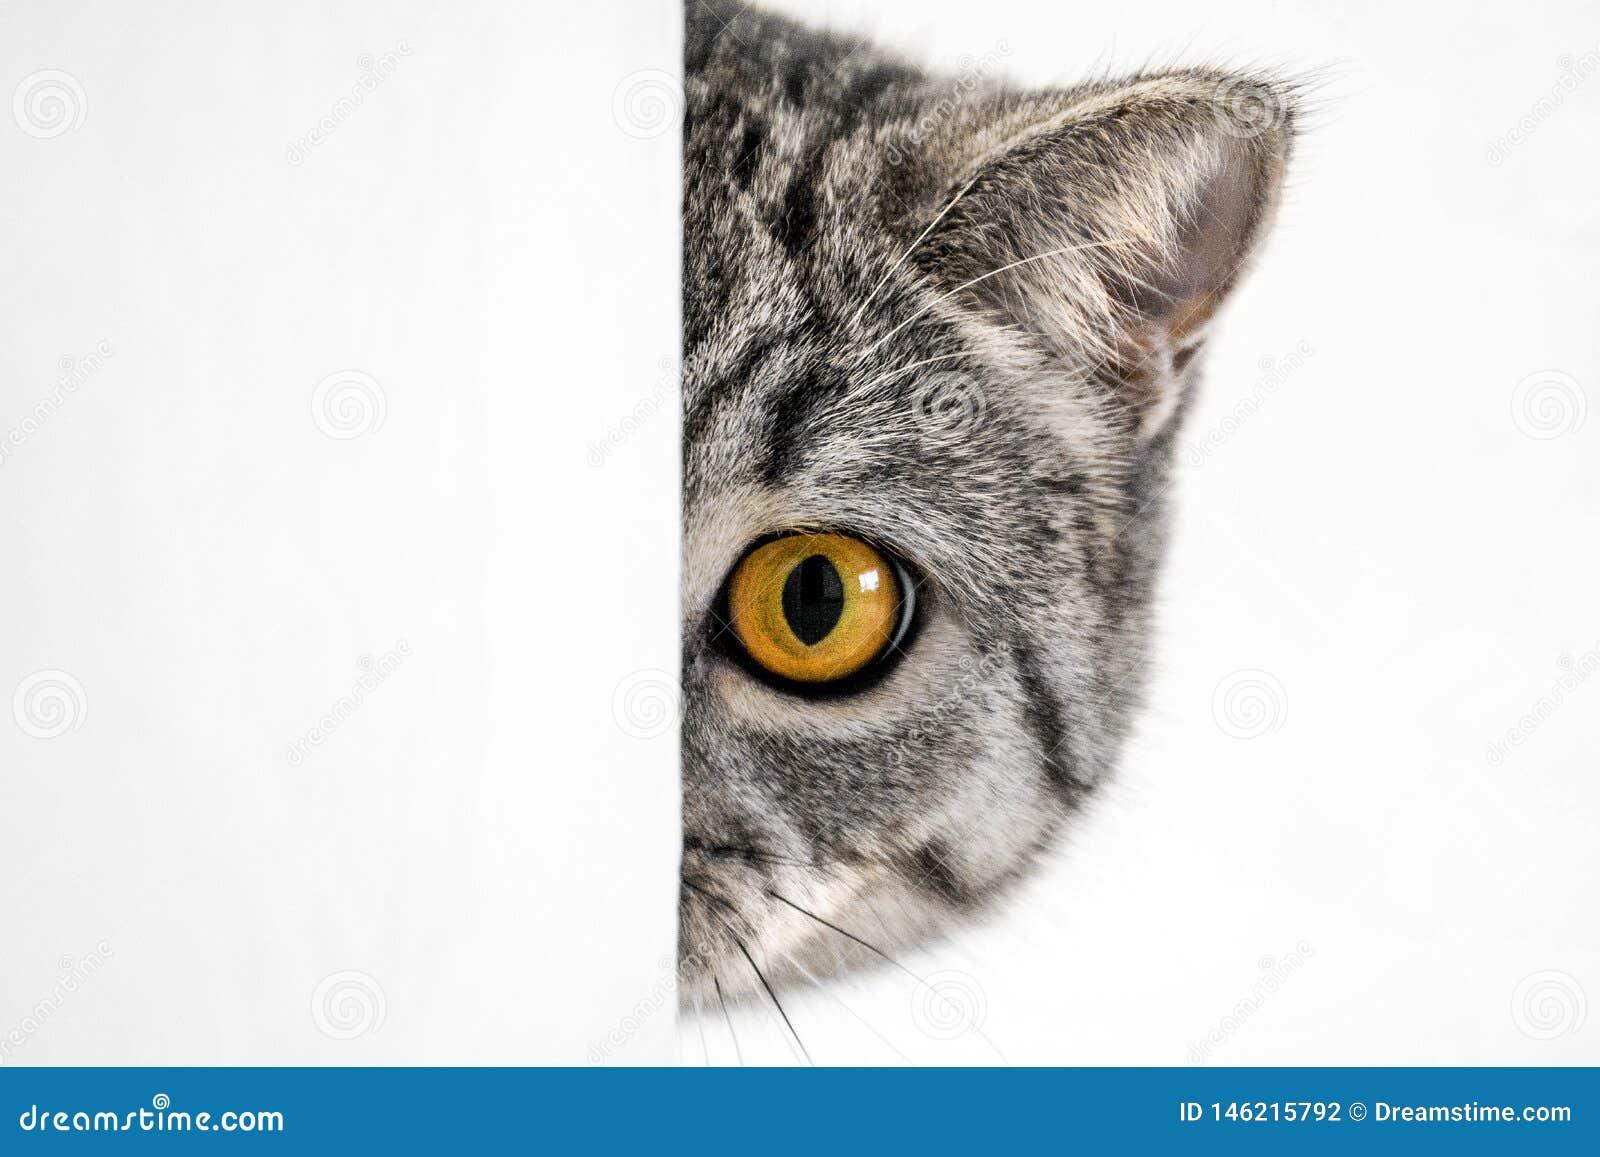 Βρετανική γάτα με τα πορτοκαλιά μάτια